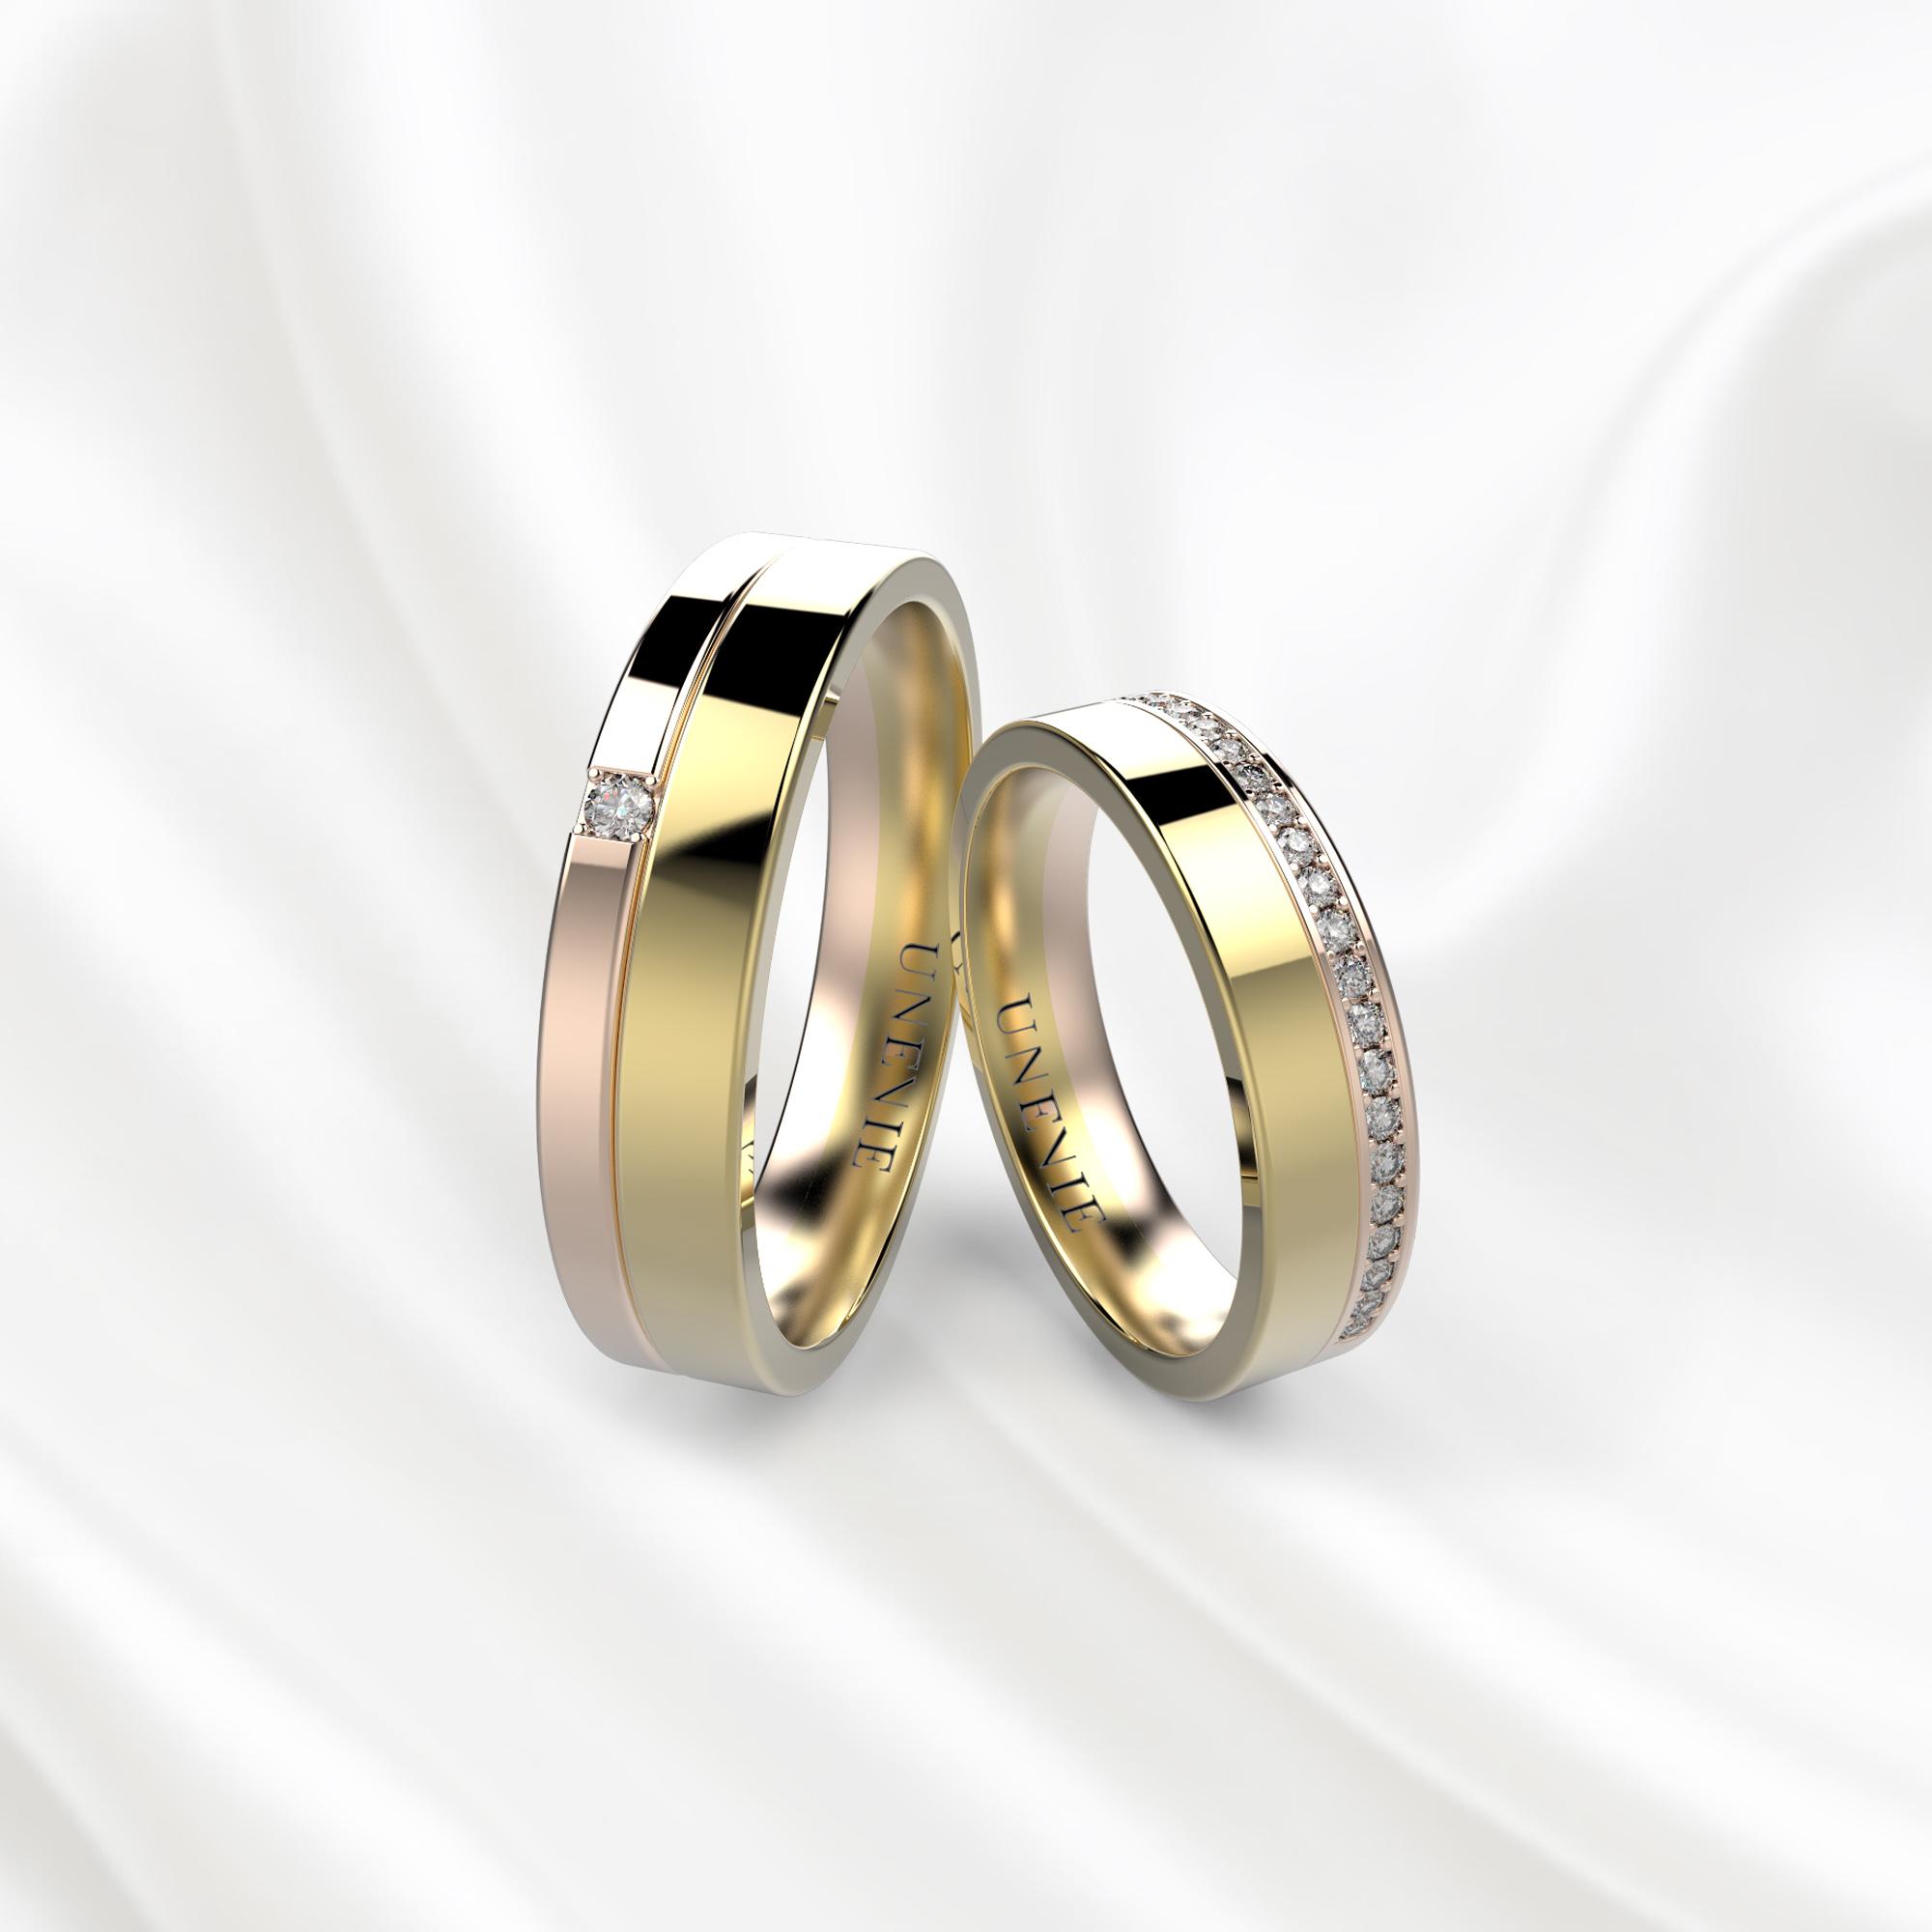 NV31 Обручальные кольца из желто-розового золота с бриллиантами